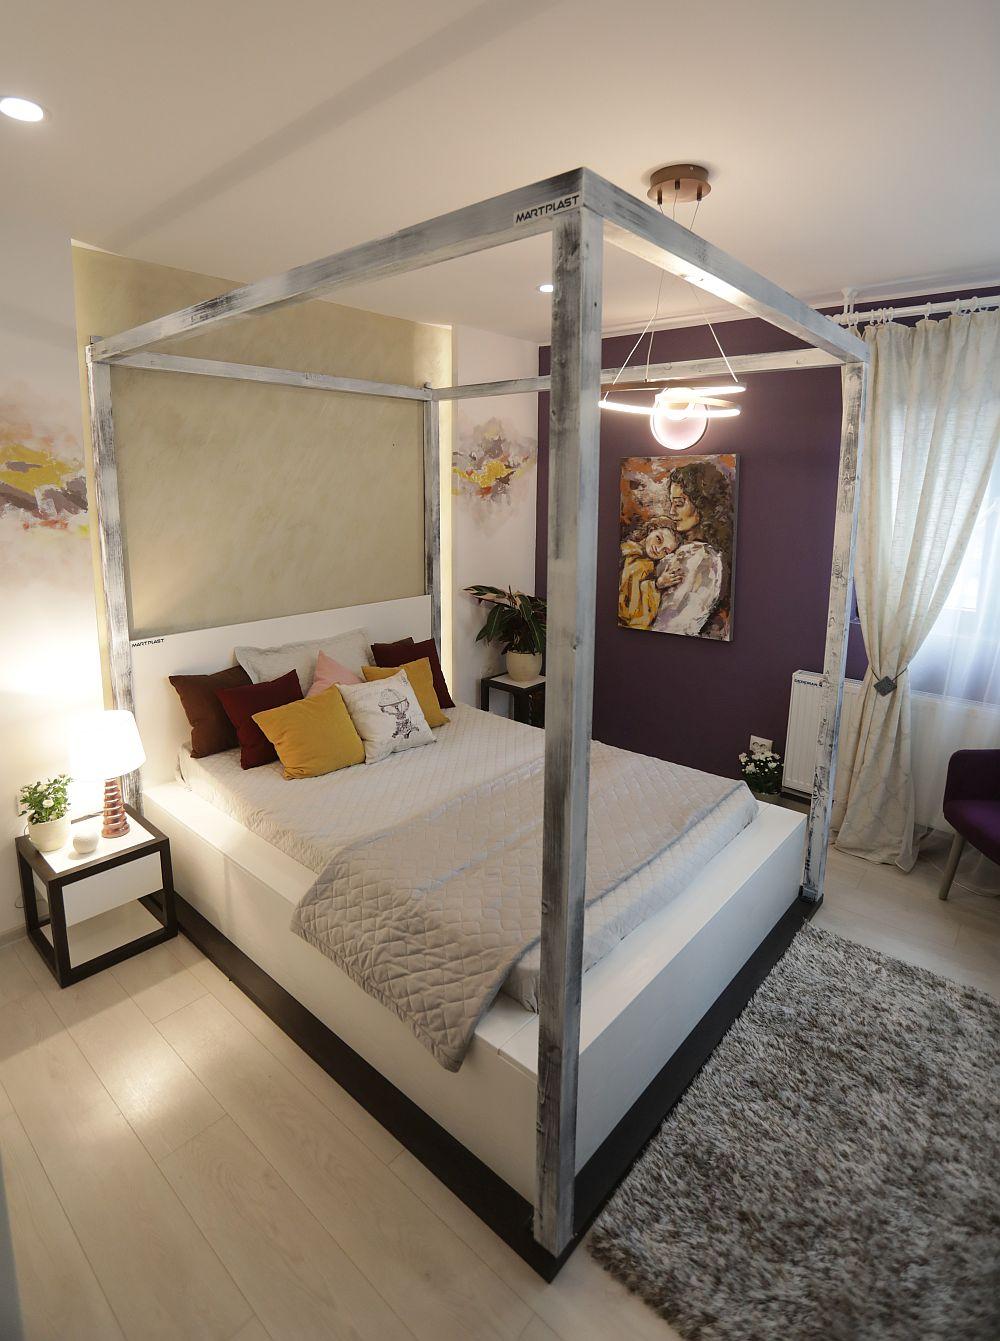 Dormitorul Ceciliei are un pat impozant, grație cadrului care-l marchează. Mobila este realizată pe comandă la Martplast după indicațiile colegei noastre Cristina Joia. Decorațiunile și corpurile de iluminat sunt de la Dedeman.